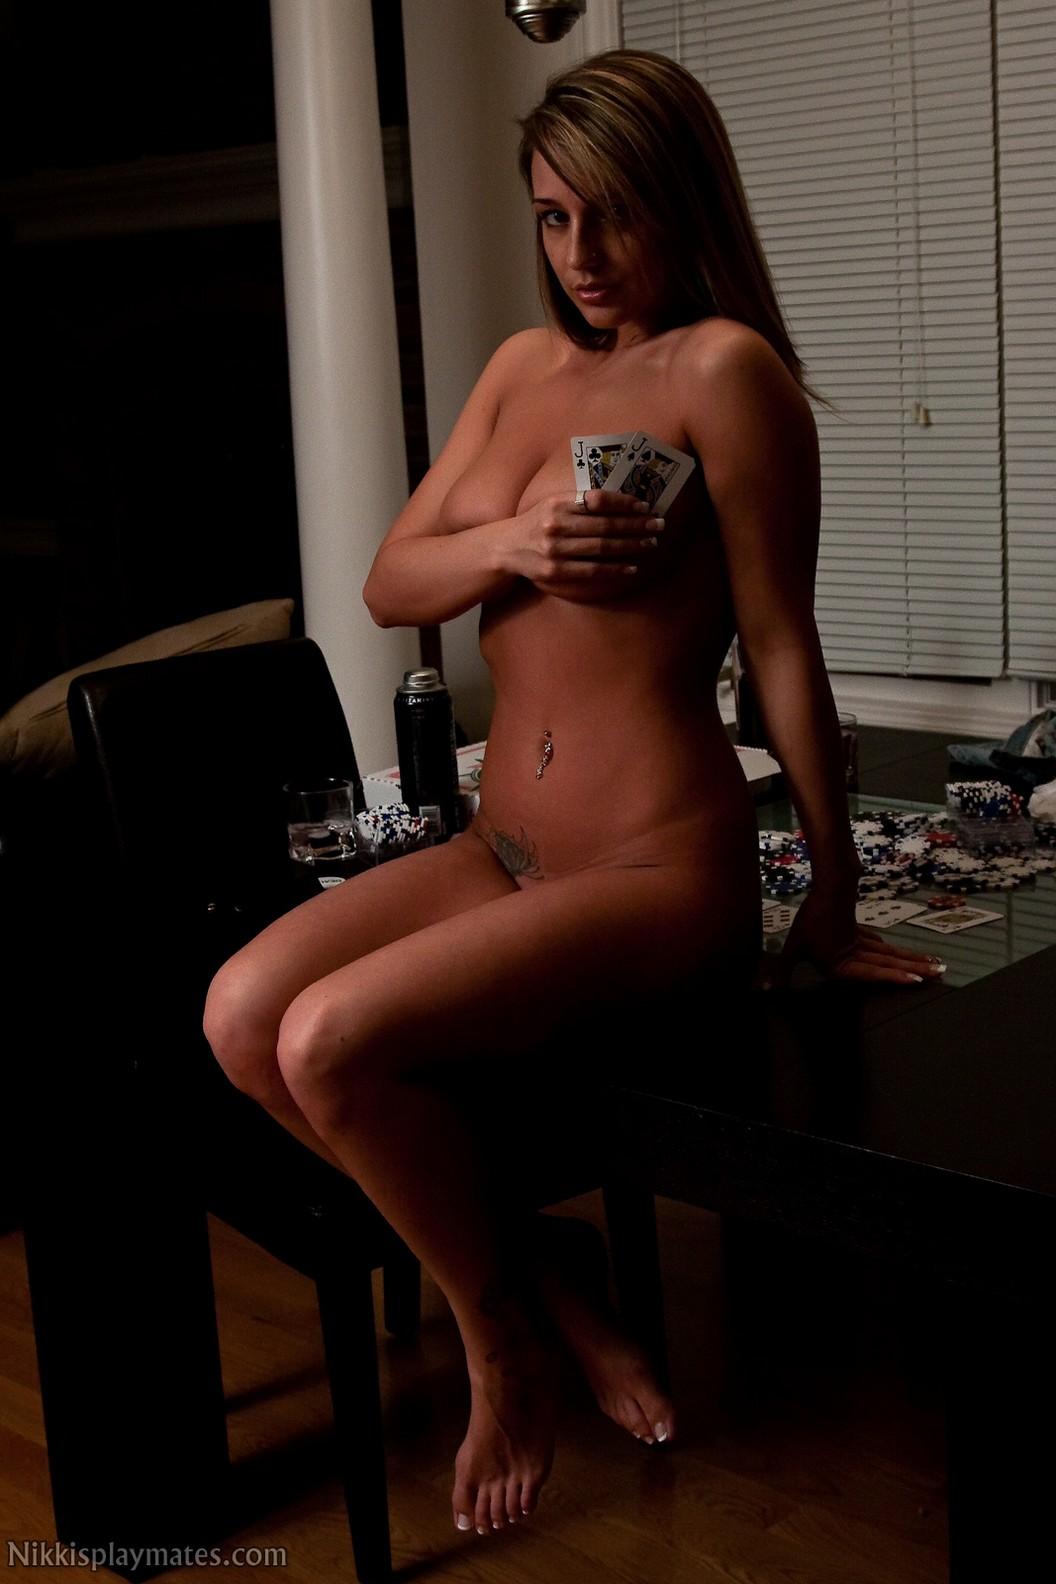 nackt Sims Nikki Nikki Sims's